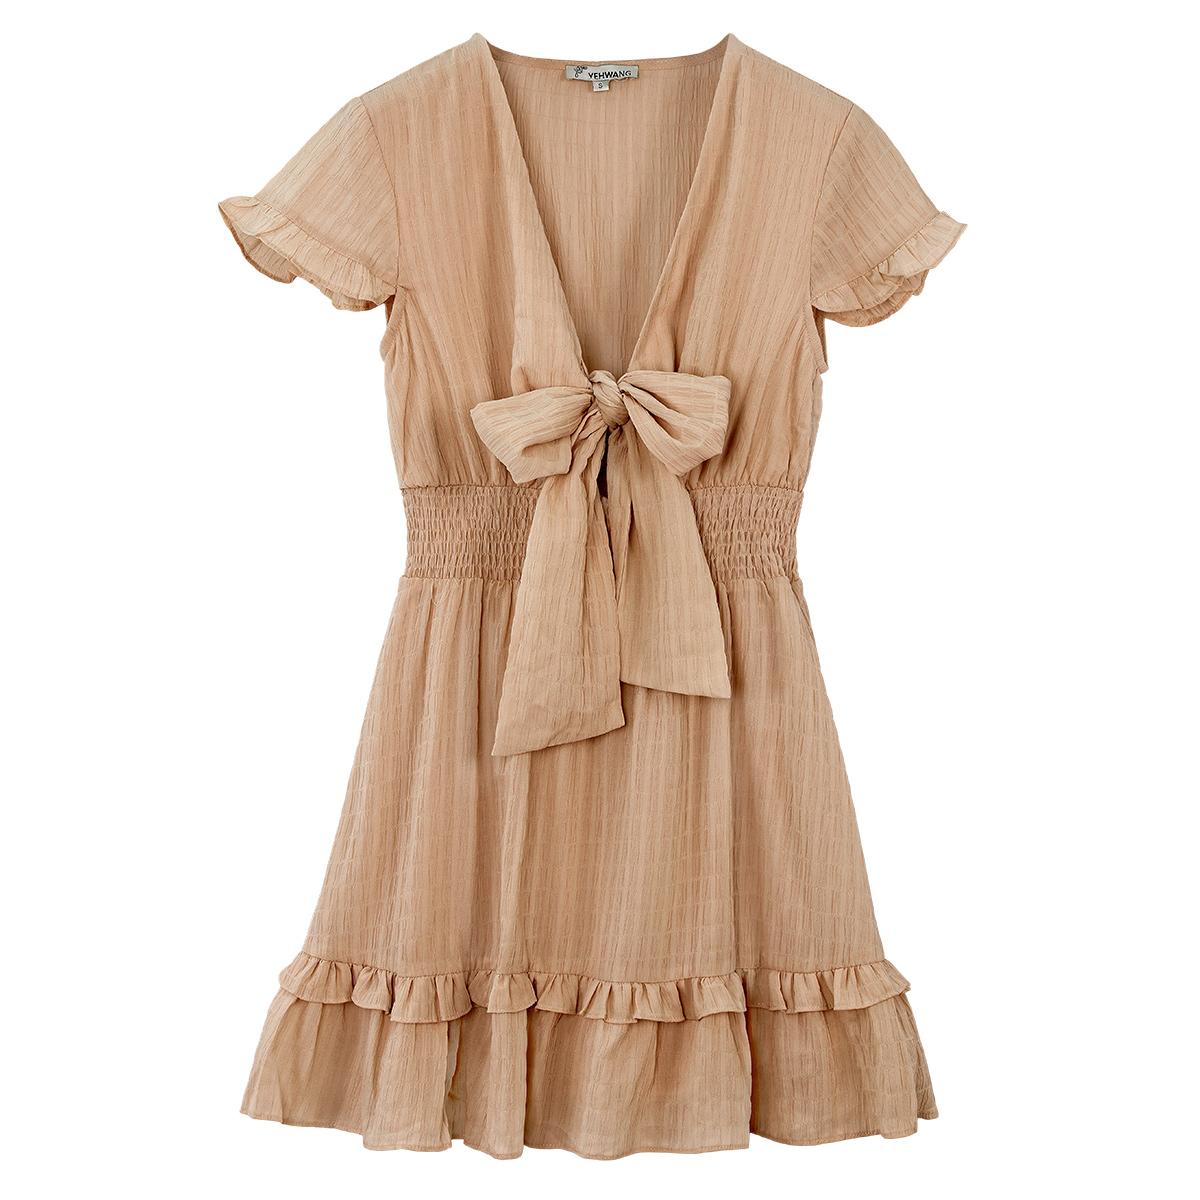 Bruine Jurk Trendy Bow bruin dames jurken Ruches onderkant strik voor decolte trendy zomer jurkjes dresses festival fashion kopen bestellen yehwang